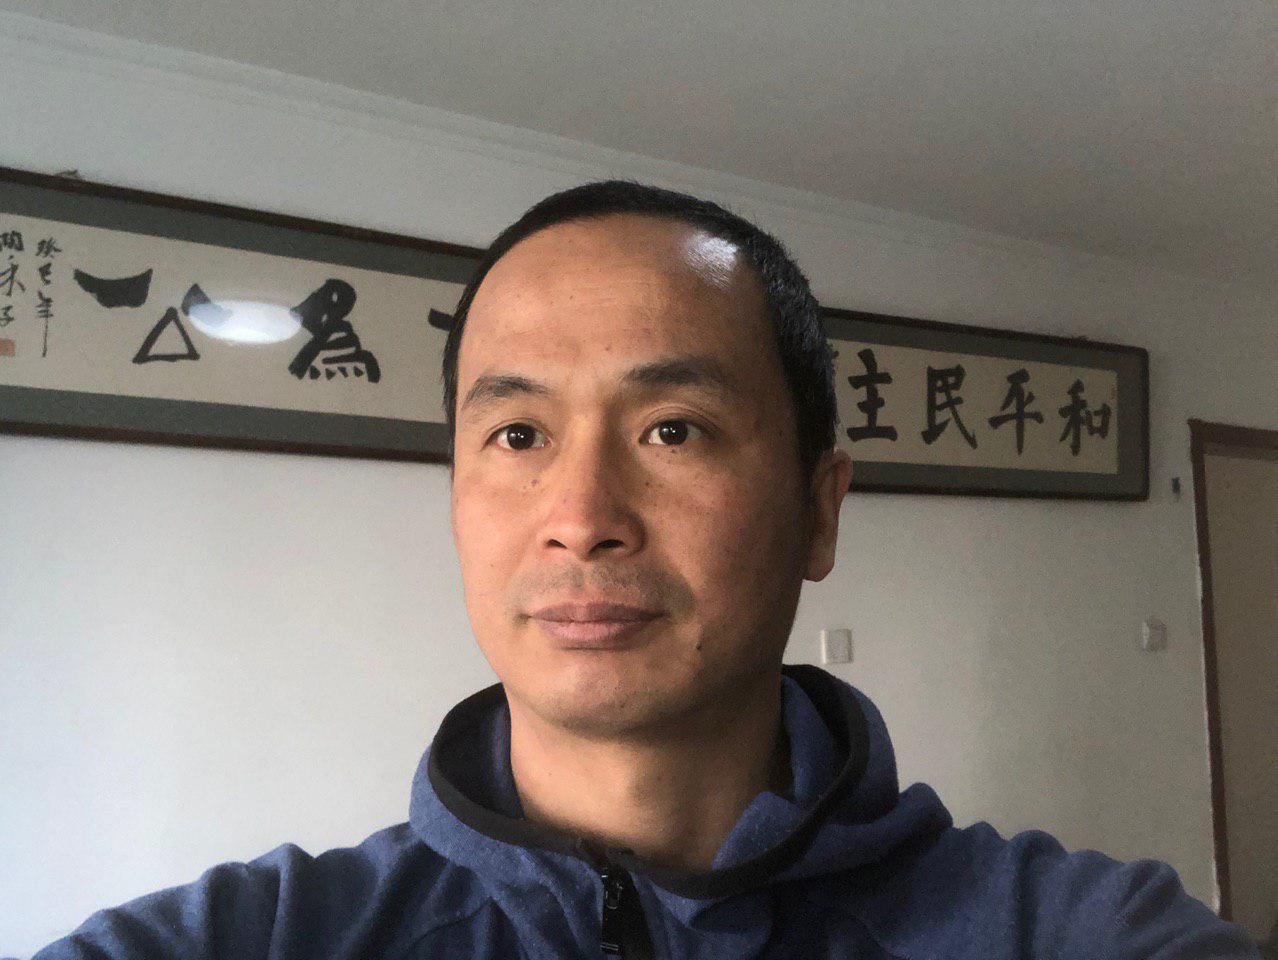 謝燕益律師說,法輪功學員是「民族的脊樑、人類的希望,是中華兒女的驕傲。」(大紀元)